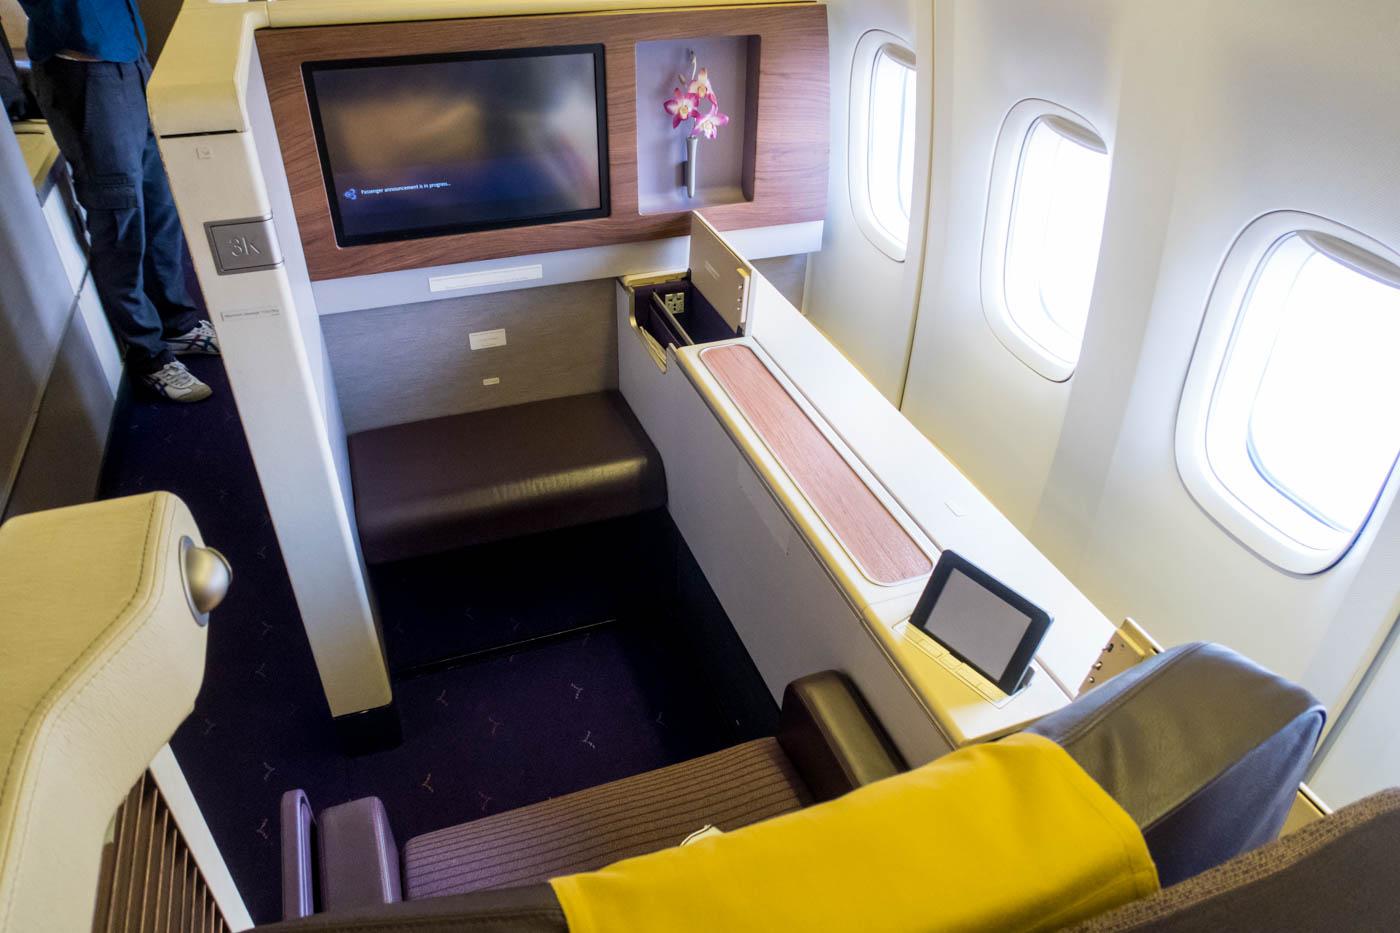 Thai Airways Boeing 747-400 First Class Seat